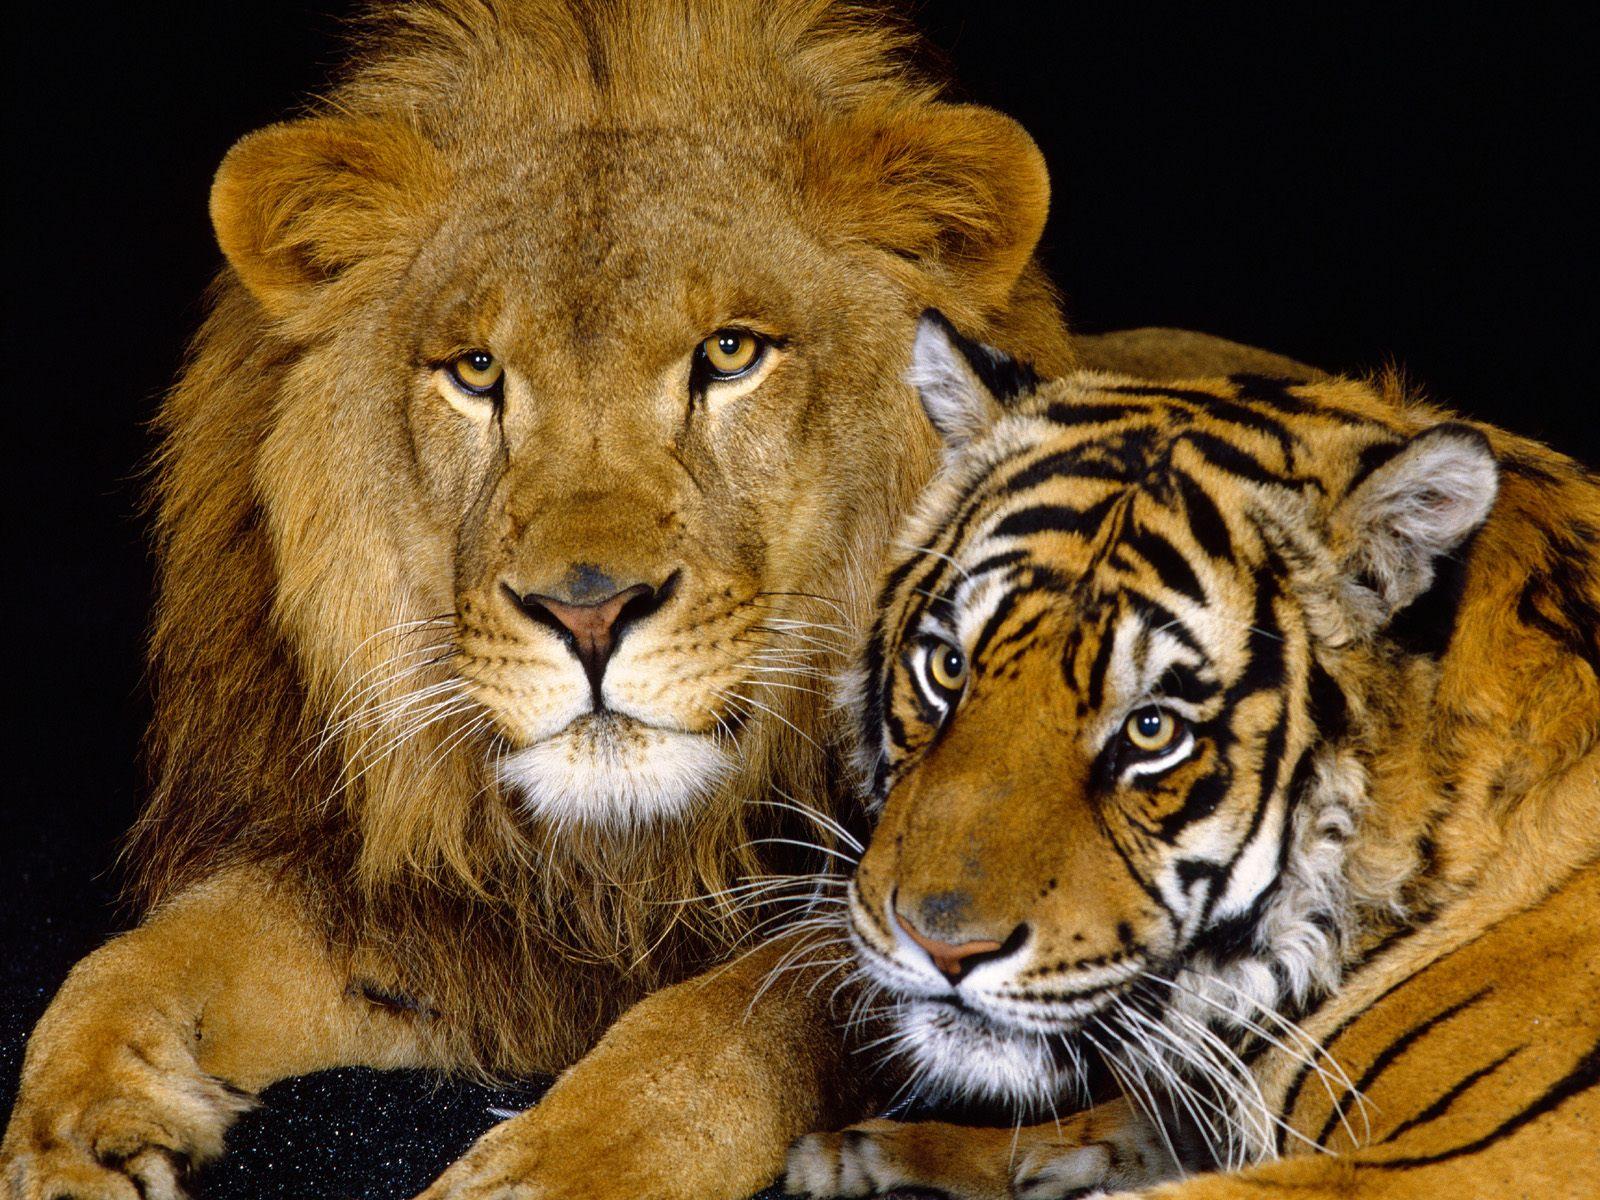 http://4.bp.blogspot.com/-vX_T2OeKvVw/TX-EV9n3l2I/AAAAAAAAGKg/_P-cmLEIoA4/s1600/Lion%2Band%2BTiger.jpg